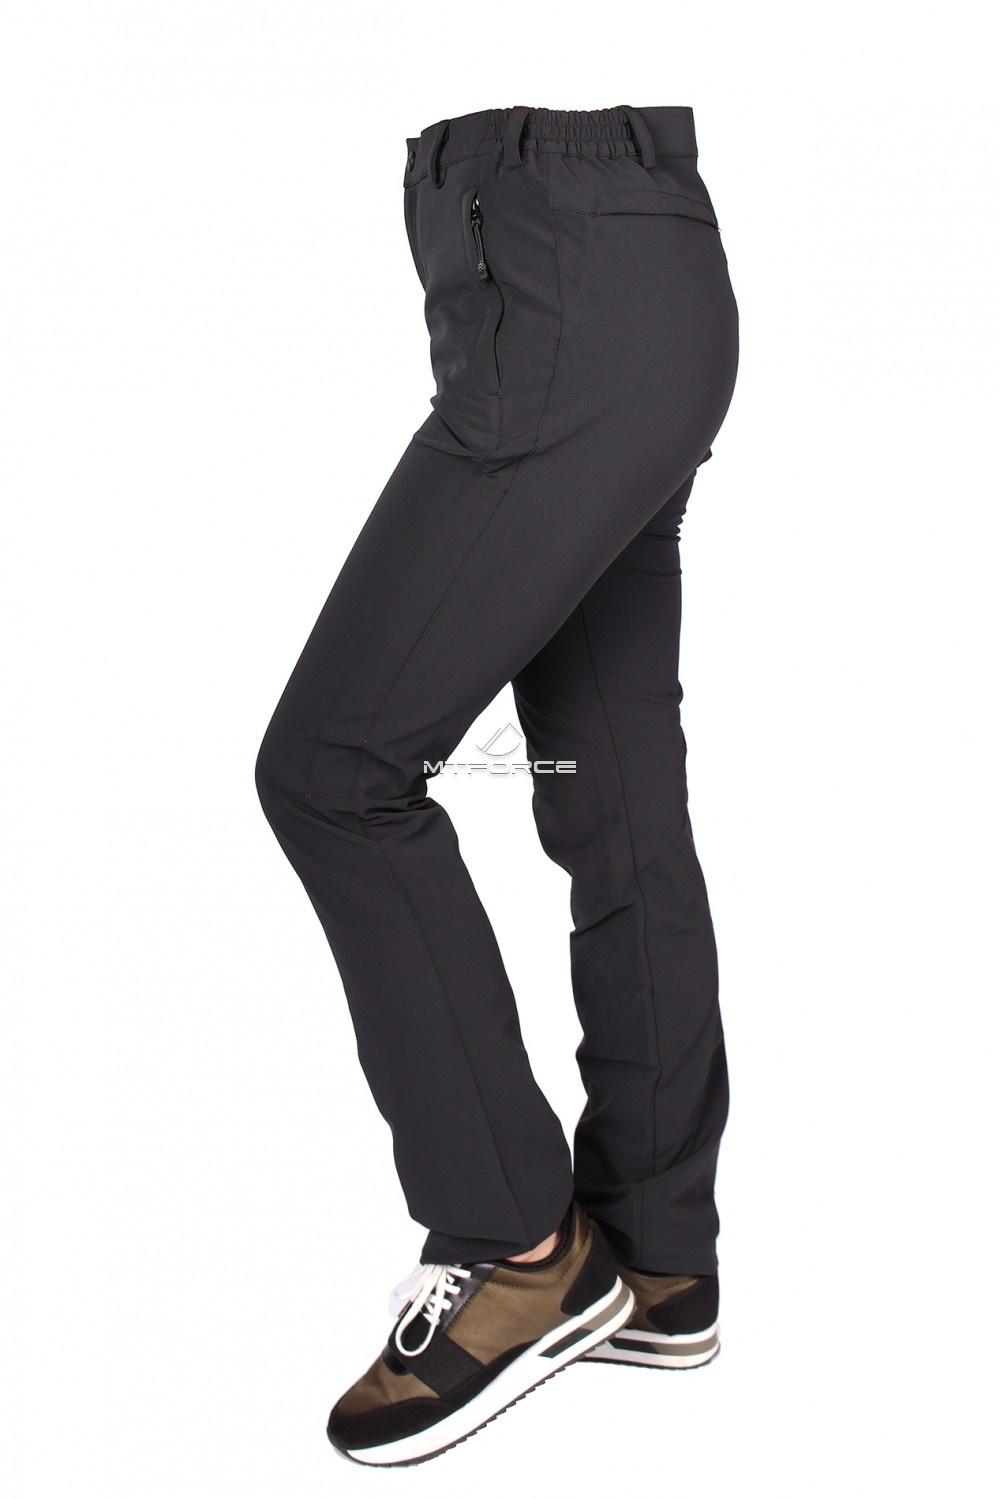 Купить оптом Брюки женские тонкие летние черного цвета 812Ch